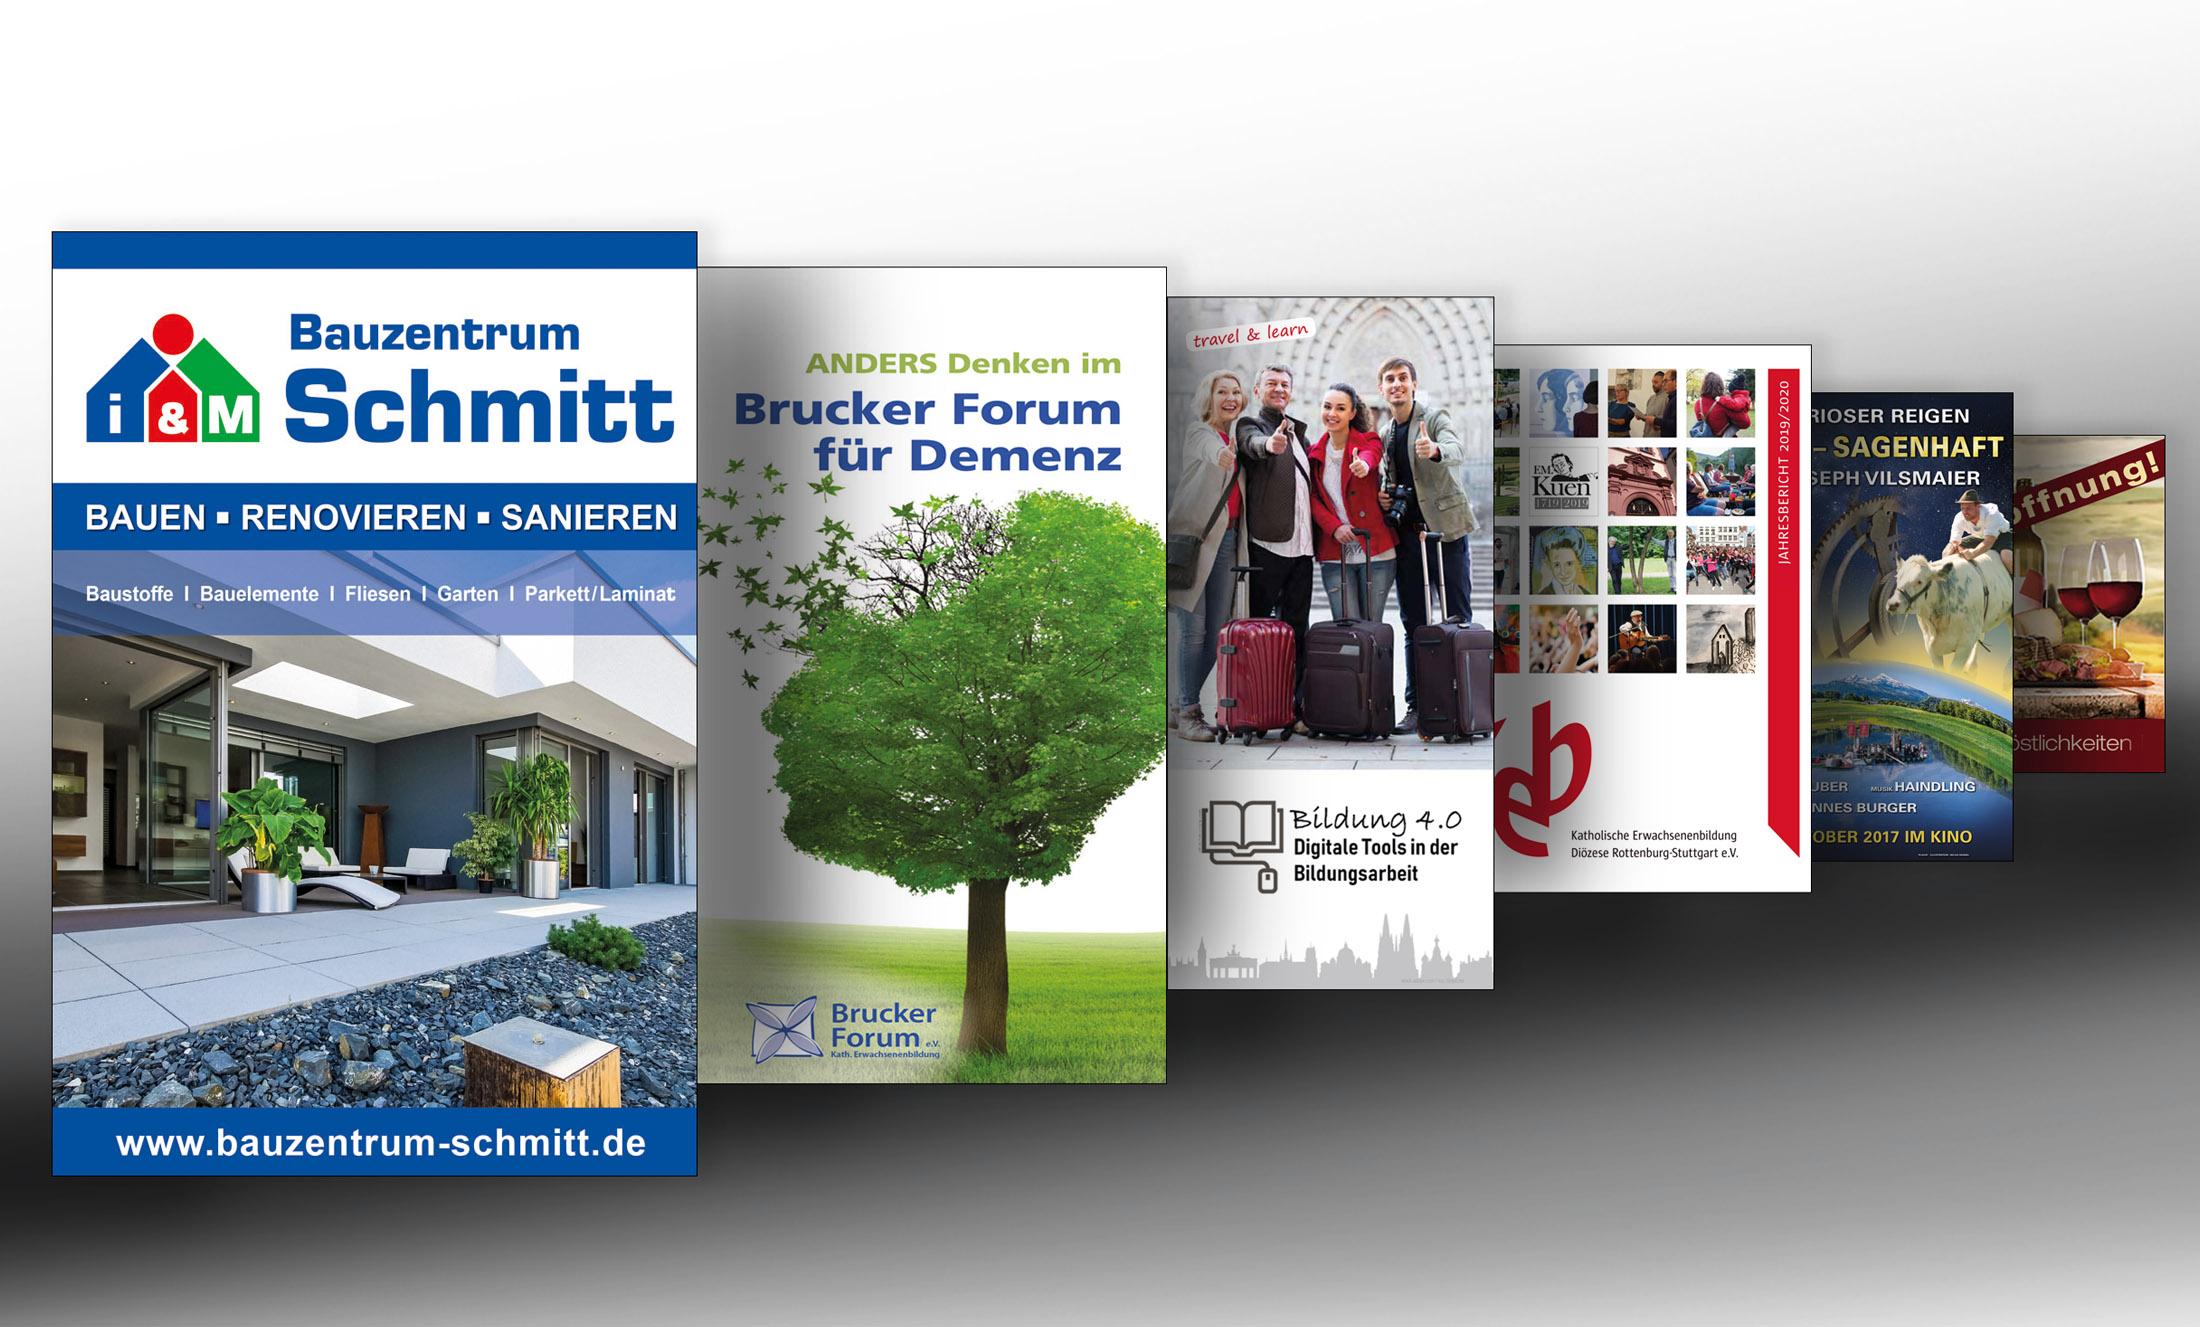 design-meets-web-broschueren-flyer-plakat-illustration-werbetechnik-muenchen-markt schwaben